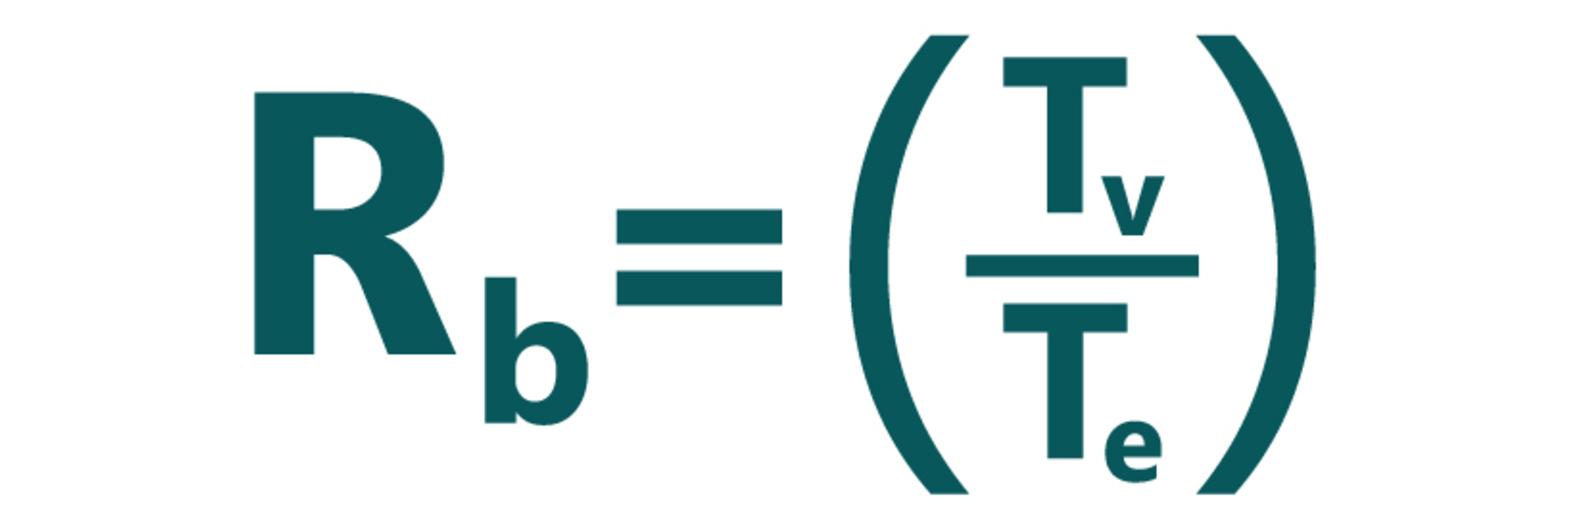 comment-calculer-le-taux-rebond.png